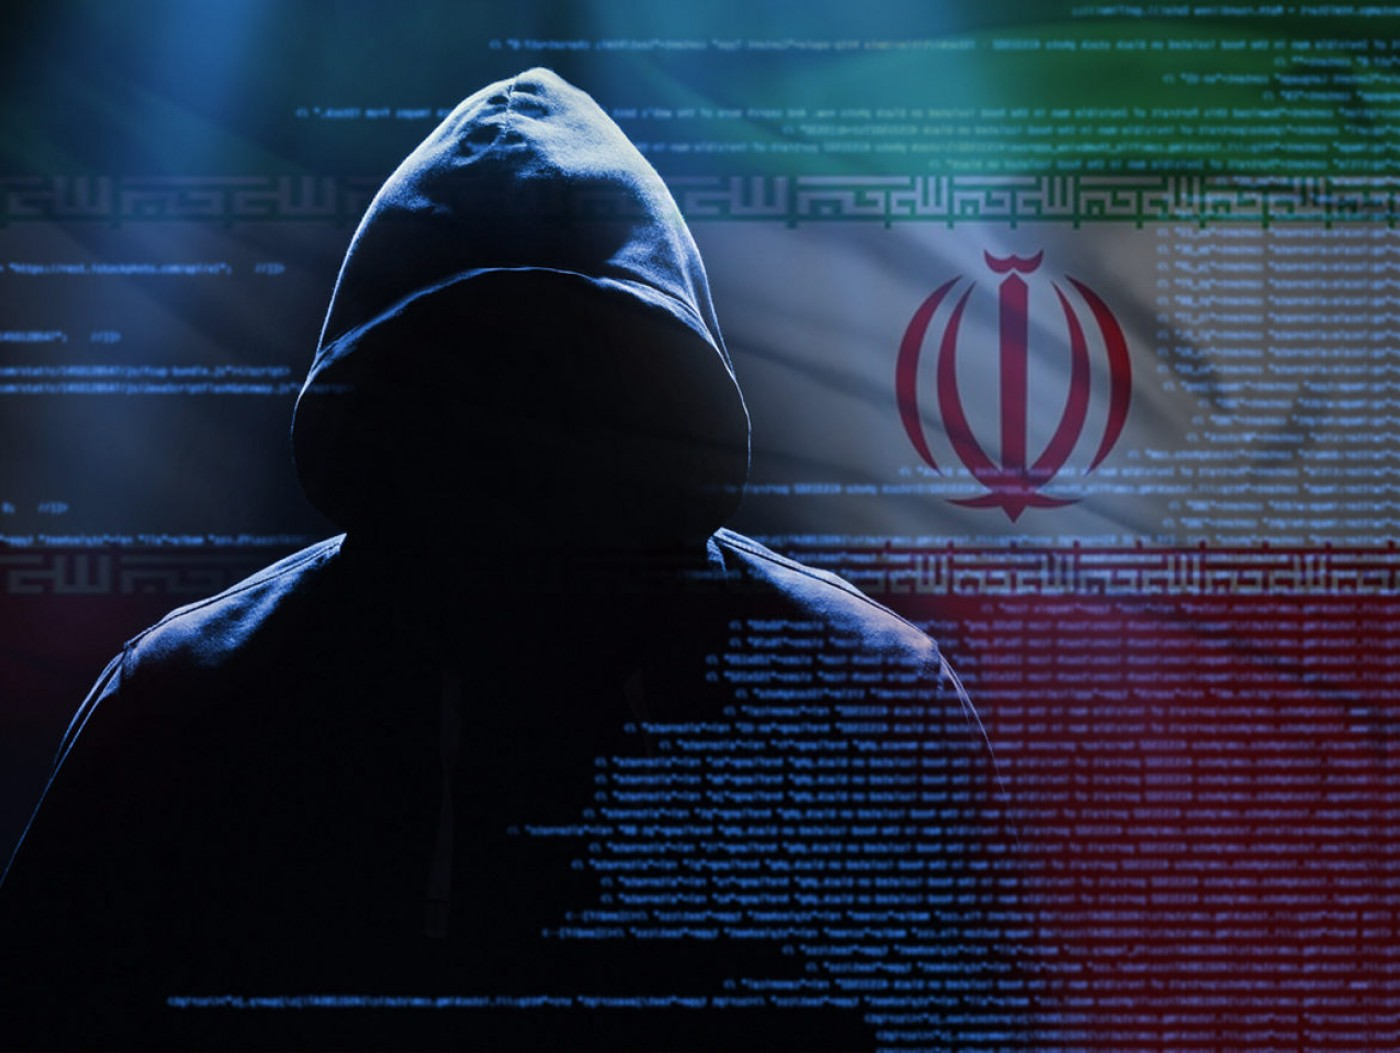 روکیدا - هشدار فرماندهی سایبری آمریکا در مورد حمله هکرهای احتمالا ایرانی به برنامه Outlook - آمریکا, امنیت اطلاعات, ایران, وب / اینترنت